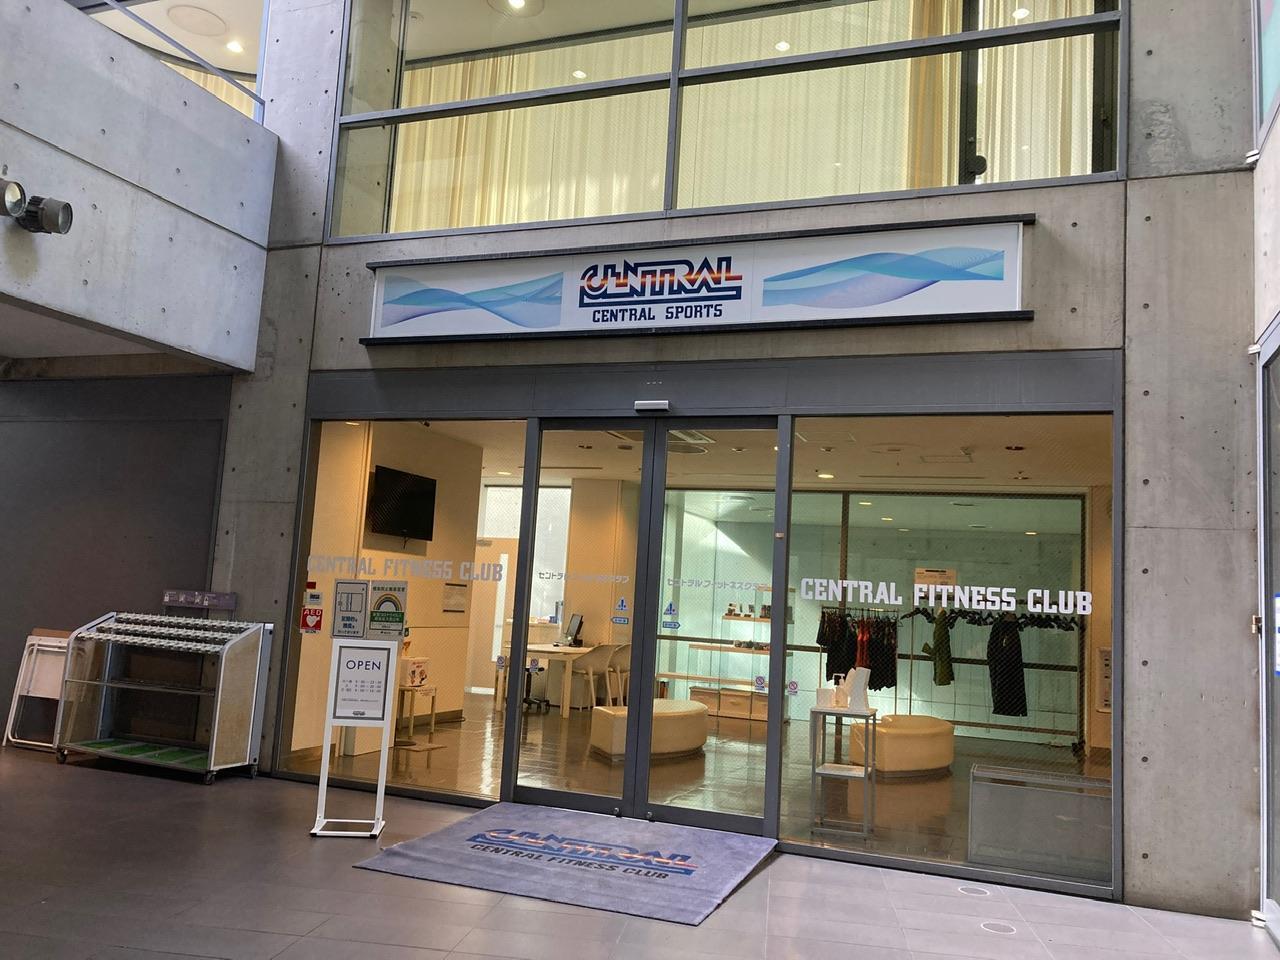 出典:セントラルスポーツ株式会社 https://www.central.co.jp/club/minamiaoyama/facilities/